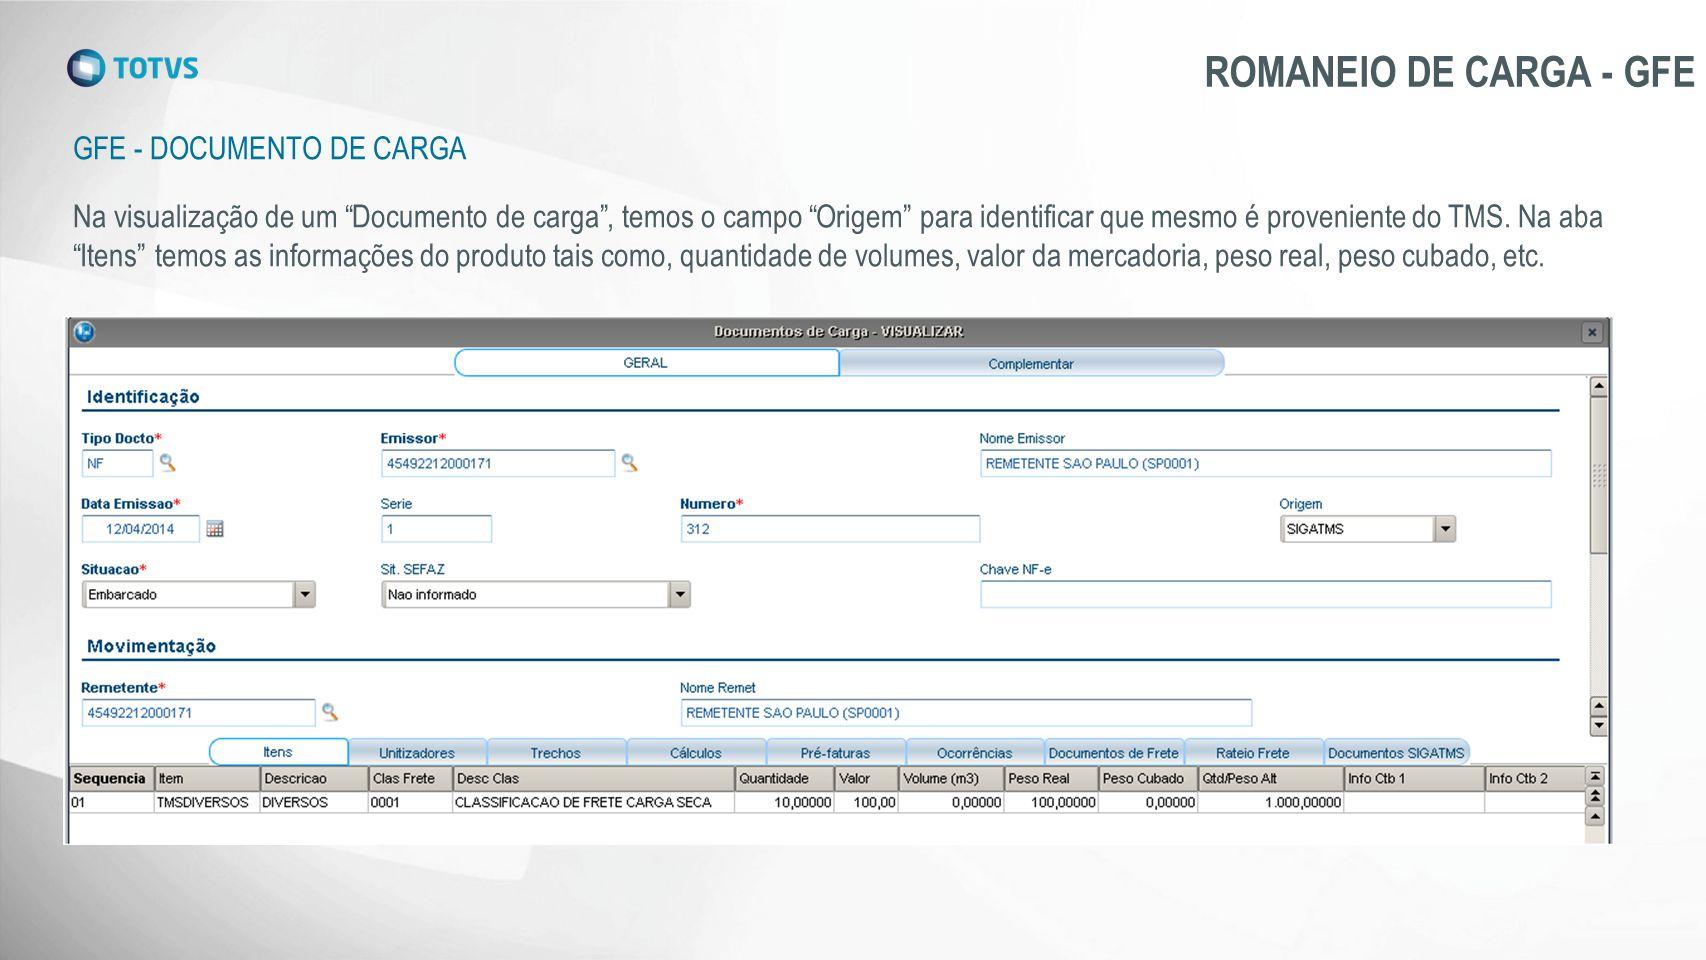 """GFE - DOCUMENTO DE CARGA ROMANEIO DE CARGA - GFE Na visualização de um """"Documento de carga"""", temos o campo """"Origem"""" para identificar que mesmo é prove"""